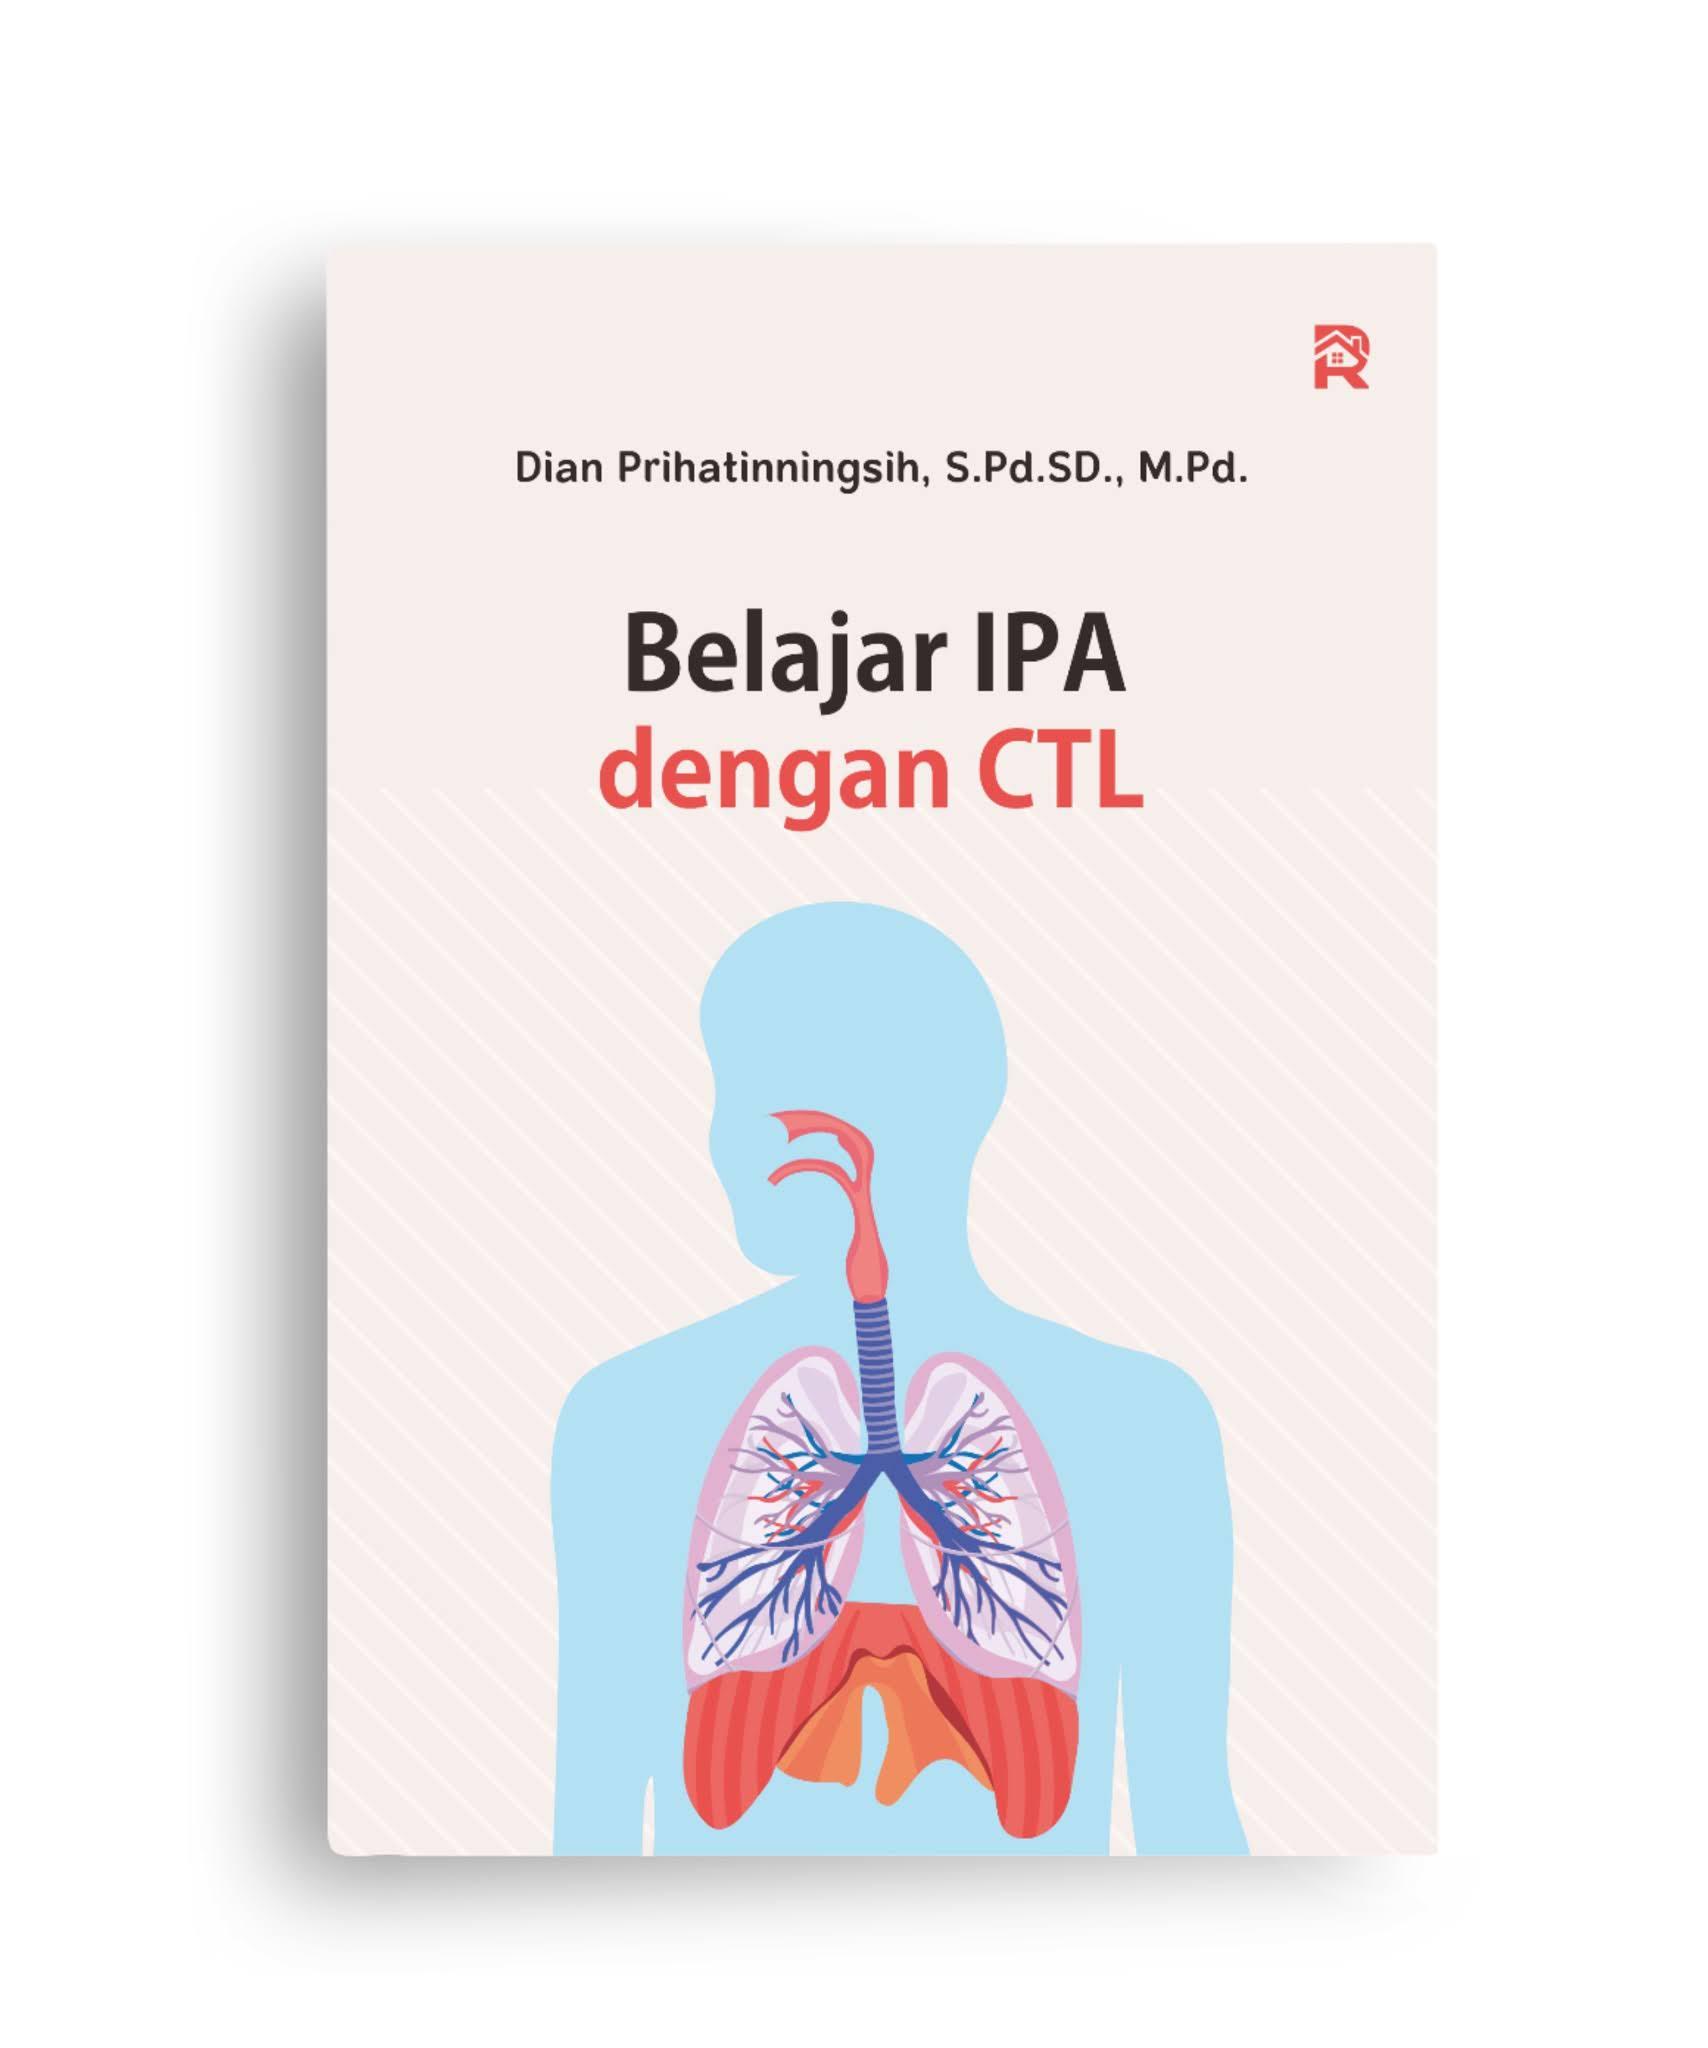 Belajar IPA dengan CTL